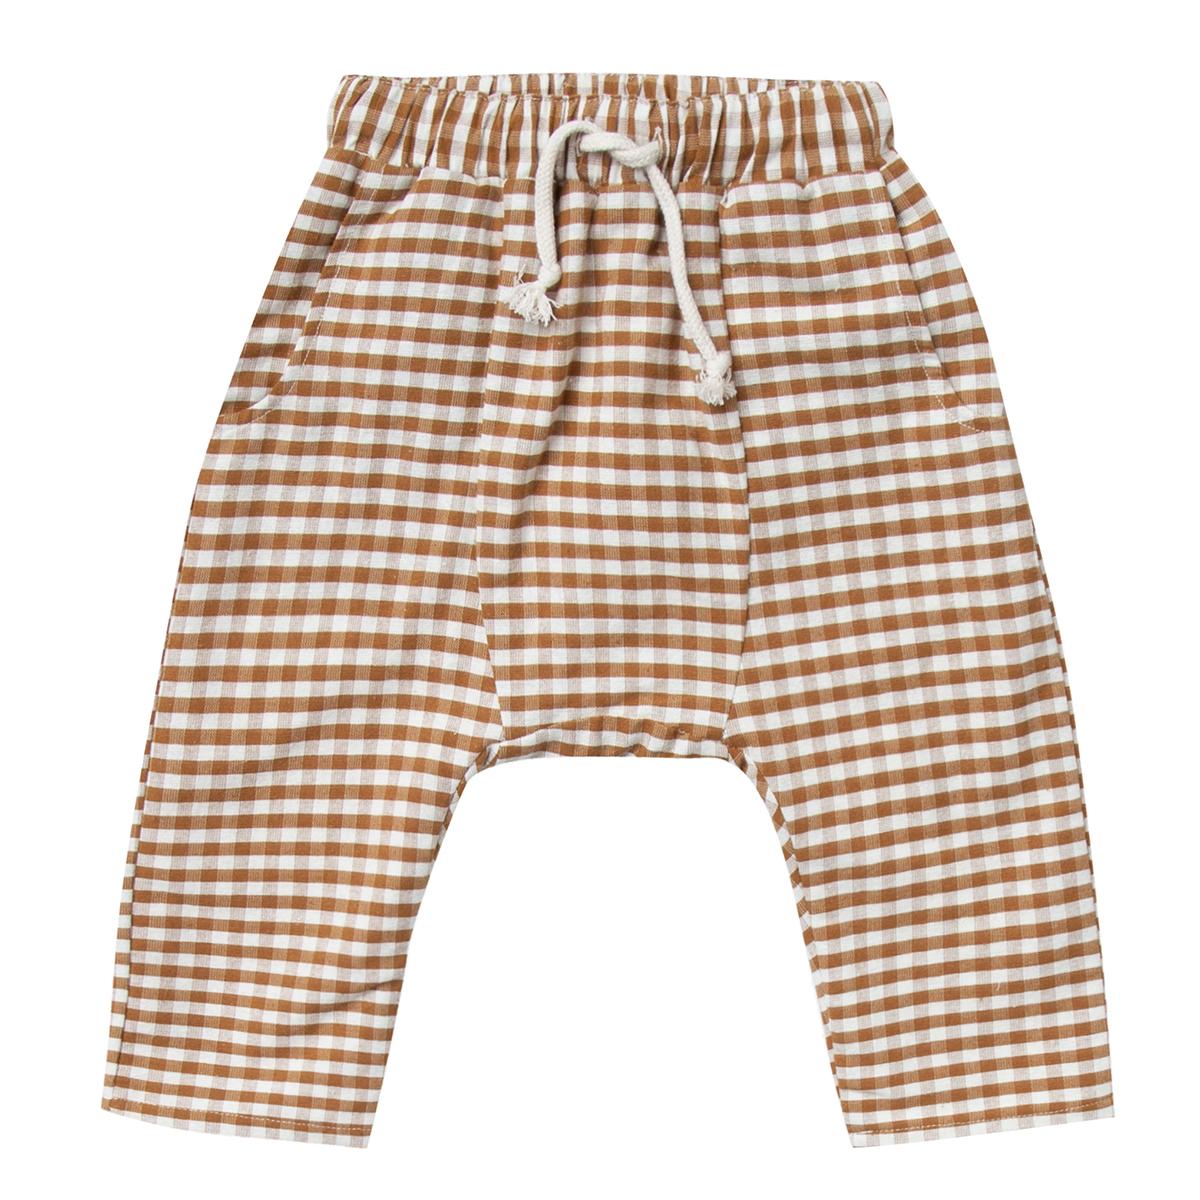 Bas Bébé Pantalon Vichy Ivoire - 2/3 Ans Pantalon Vichy Ivoire - 2/3 Ans